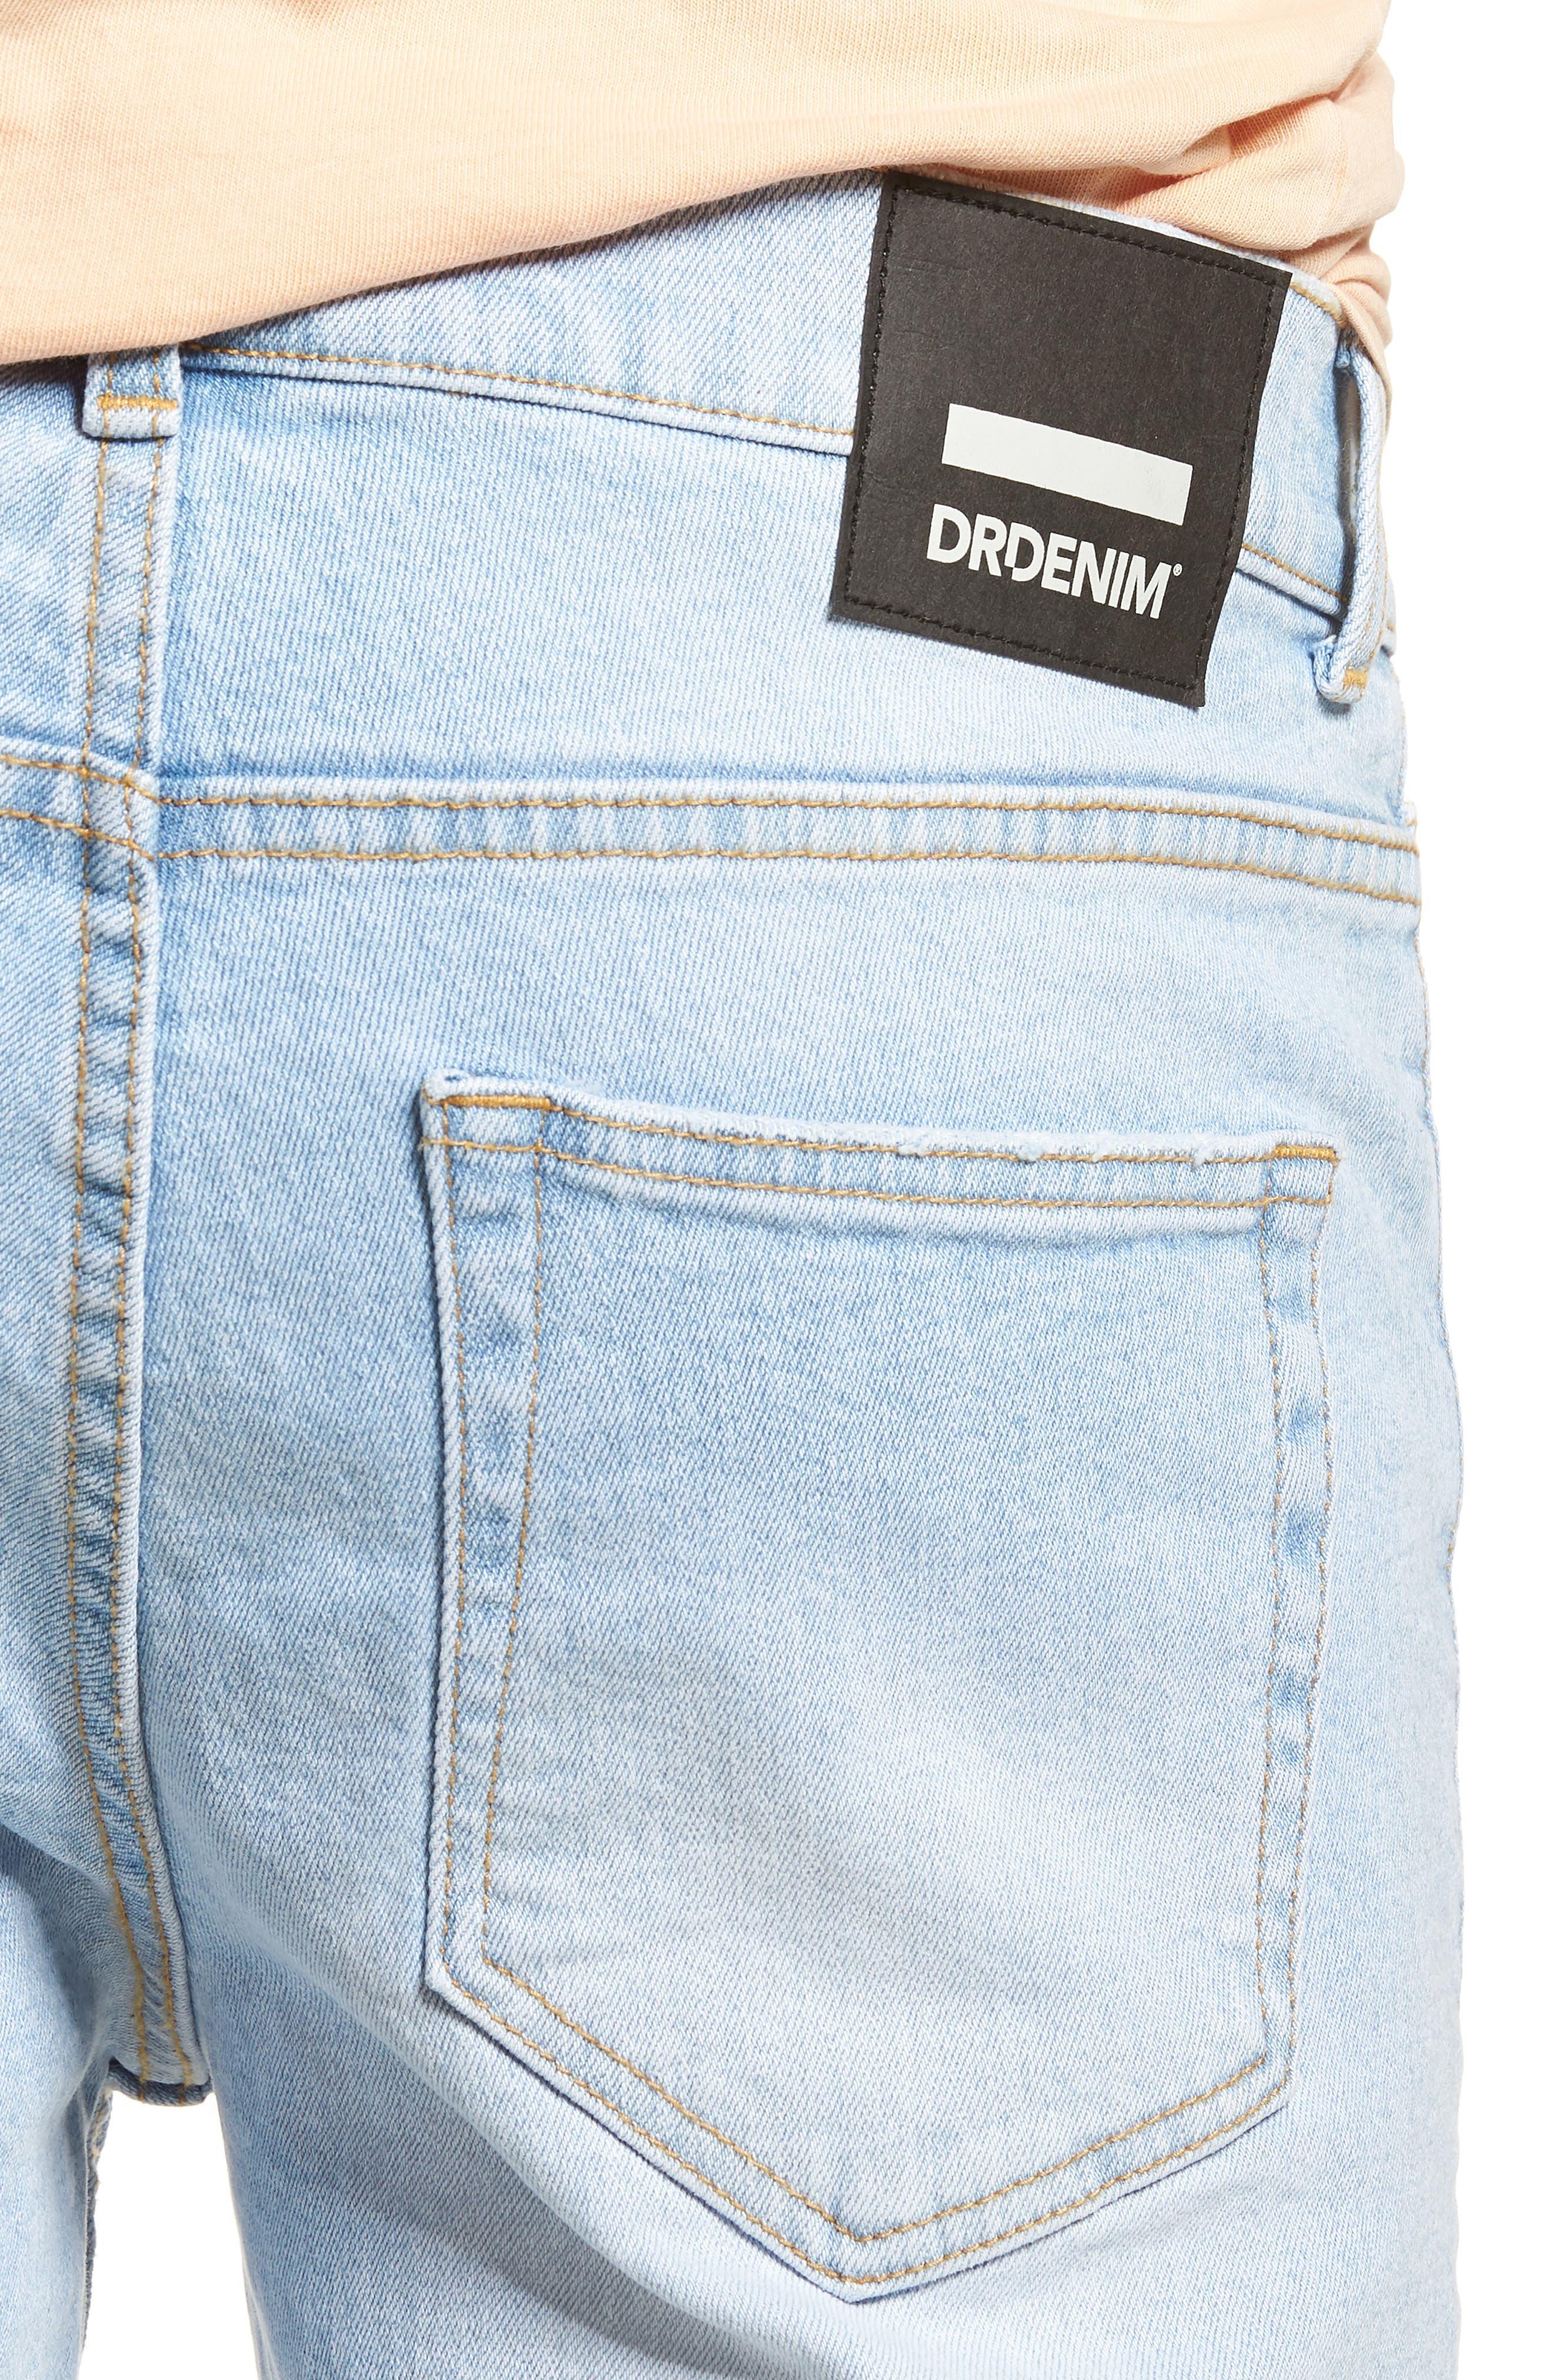 Clark Slim Straight Leg Jeans,                             Alternate thumbnail 4, color,                             Superlight Blue Ripped